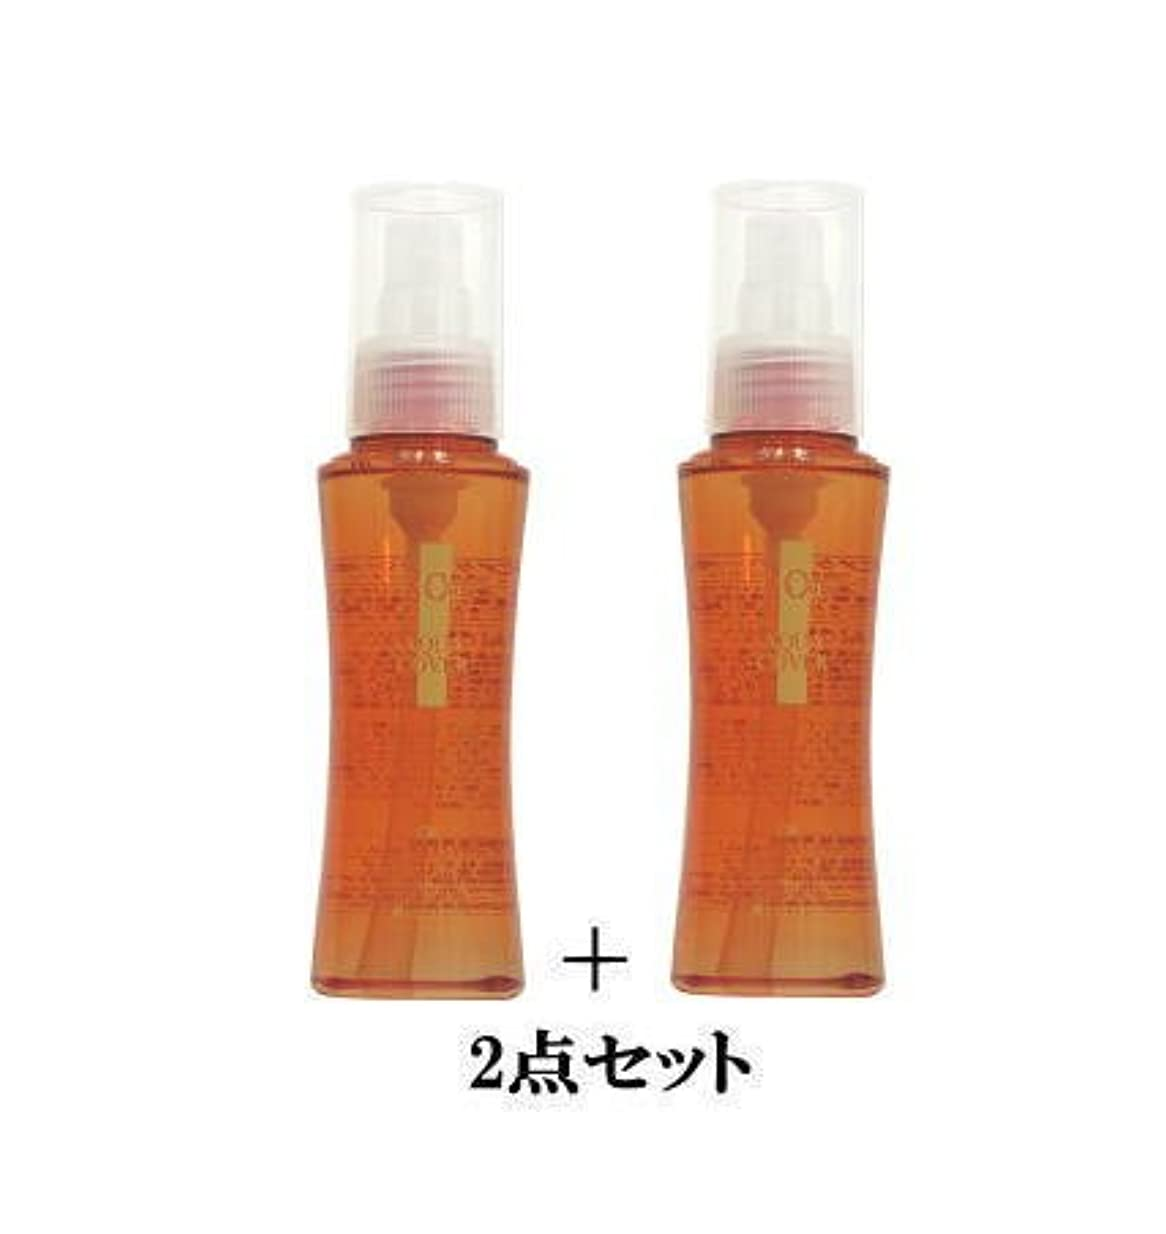 ジャンクションオレンジ潮【X2個セット】 ディアテック アクアカバーオイル 100ml